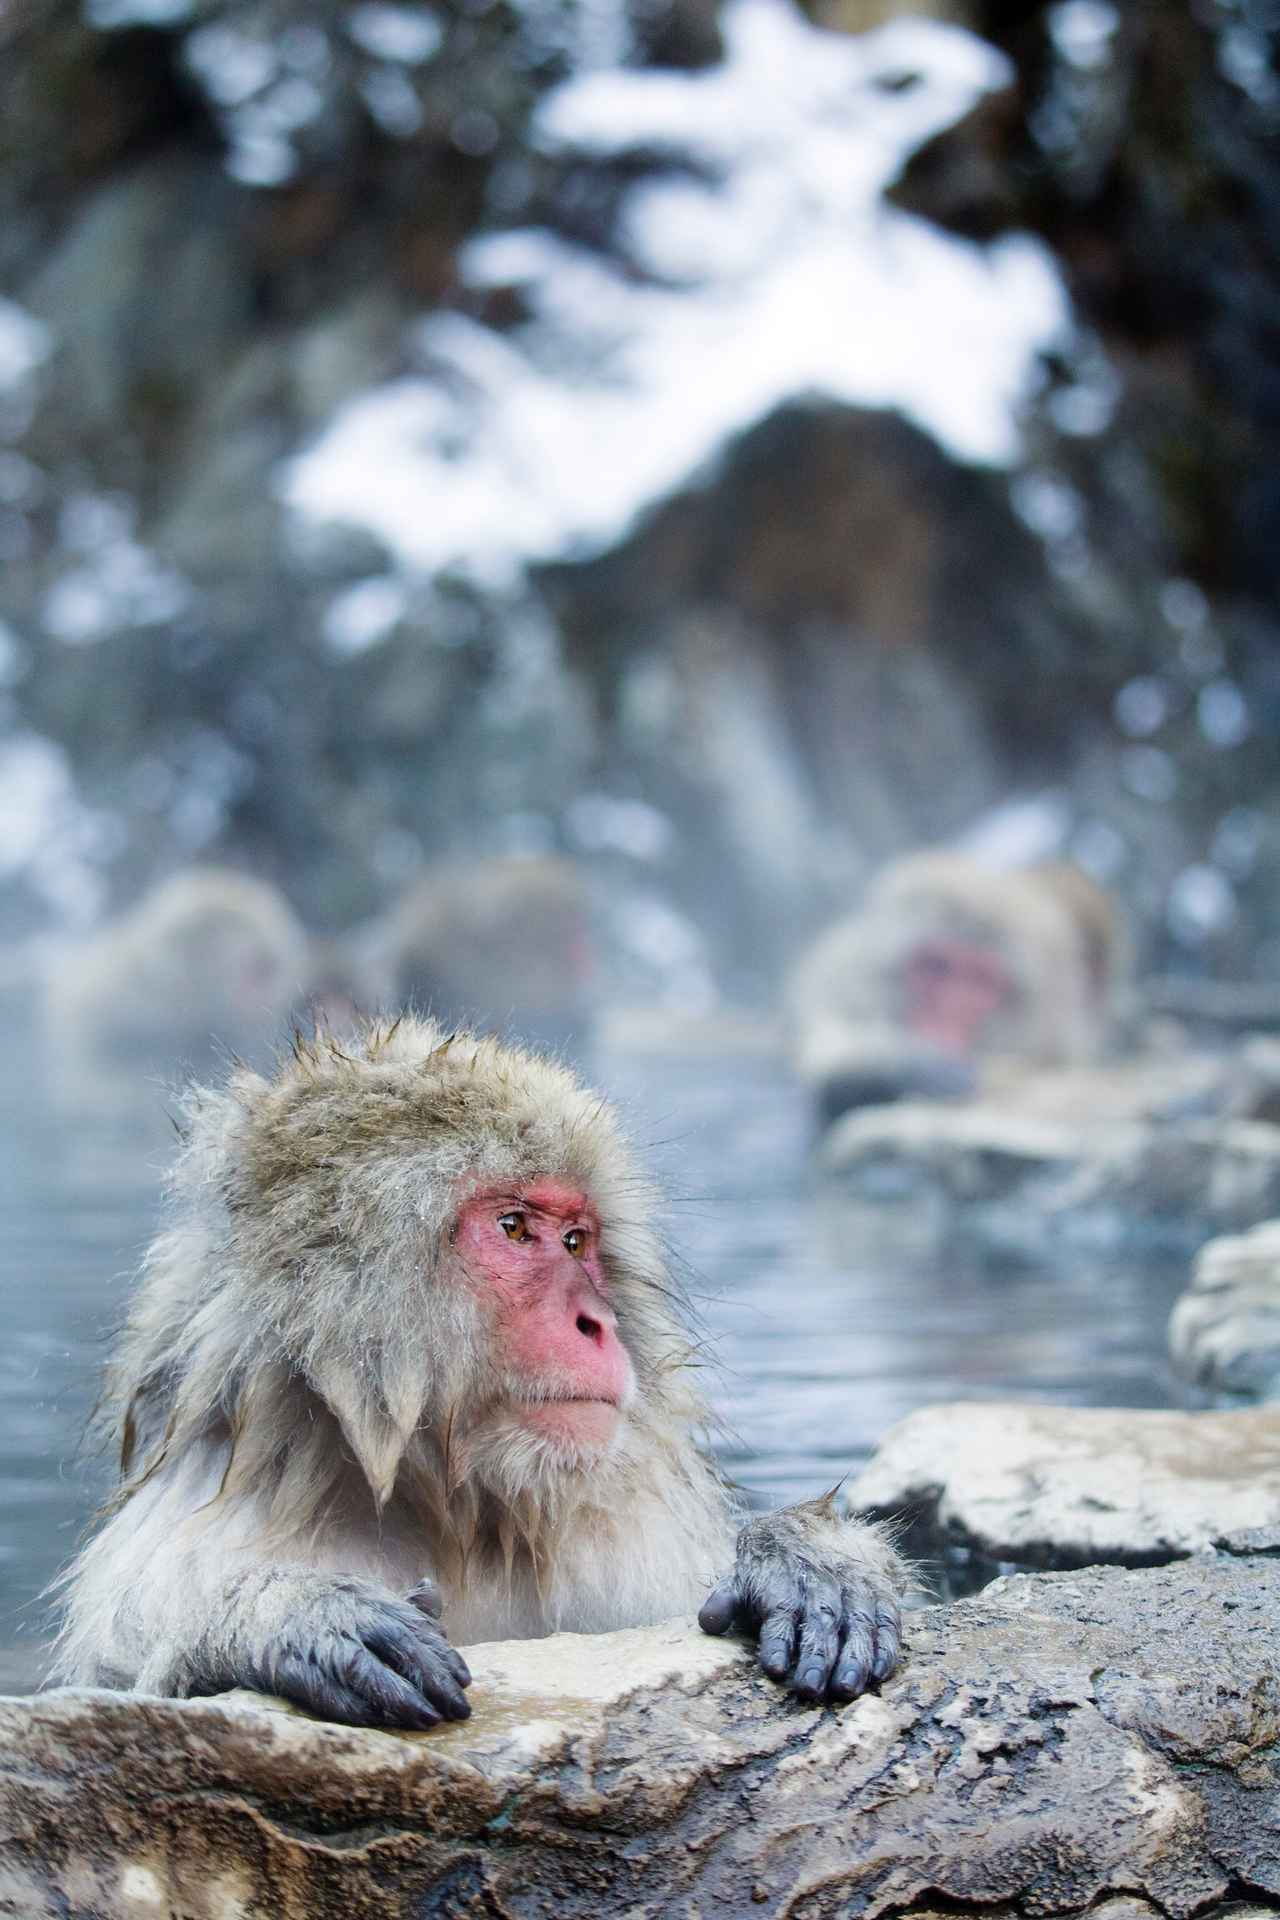 画像2: 「勝浦つるんつるん温泉直営オートキャンプ場」宿泊レポ 天然温泉あり・薪使い放題